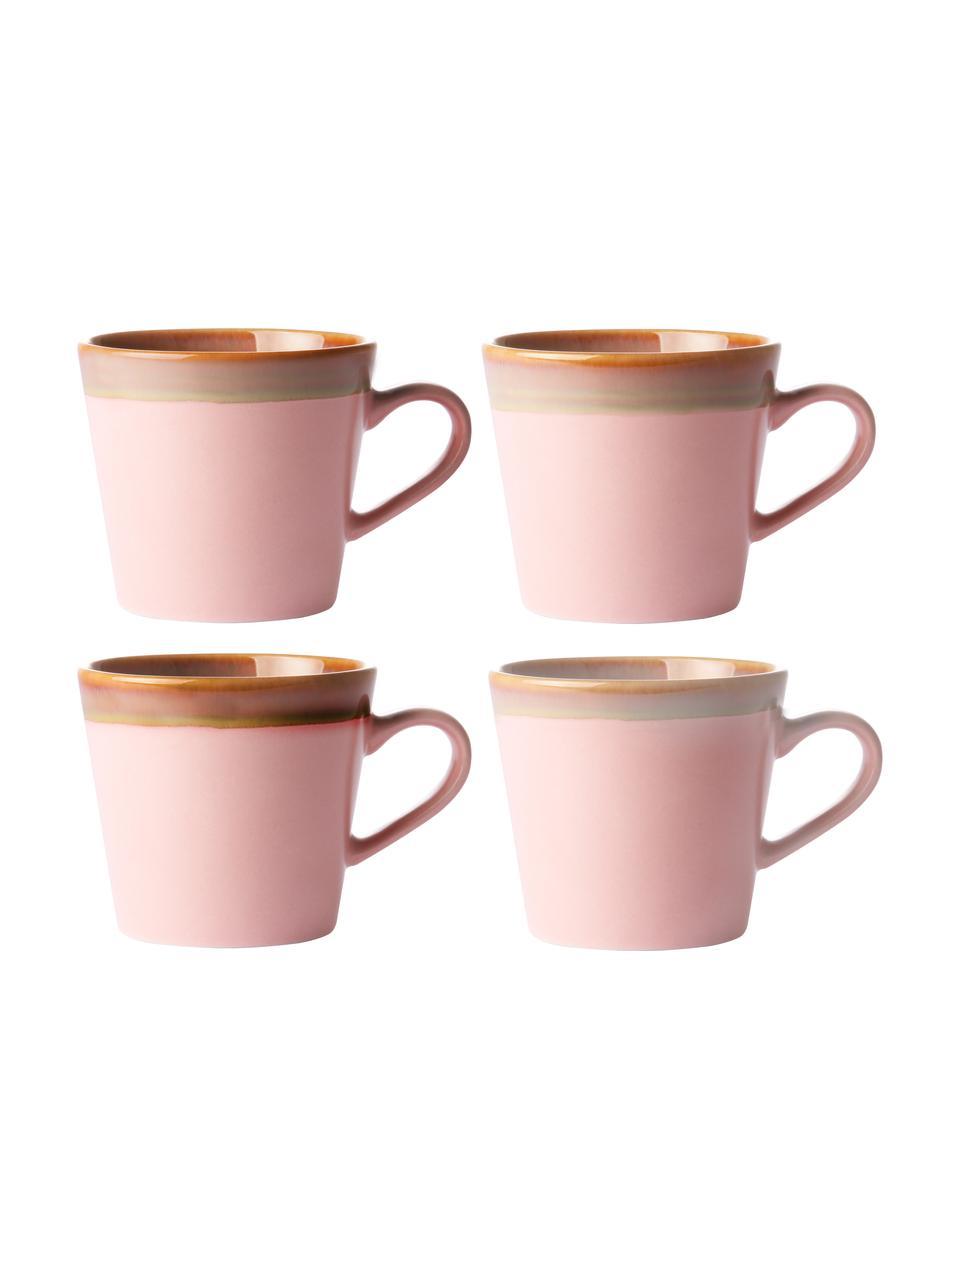 Handgemaakte cappucino mokken 70's in retro stijl, 4 stuks, Keramiek, Roze, beige, Ø 12 x H 9 cm